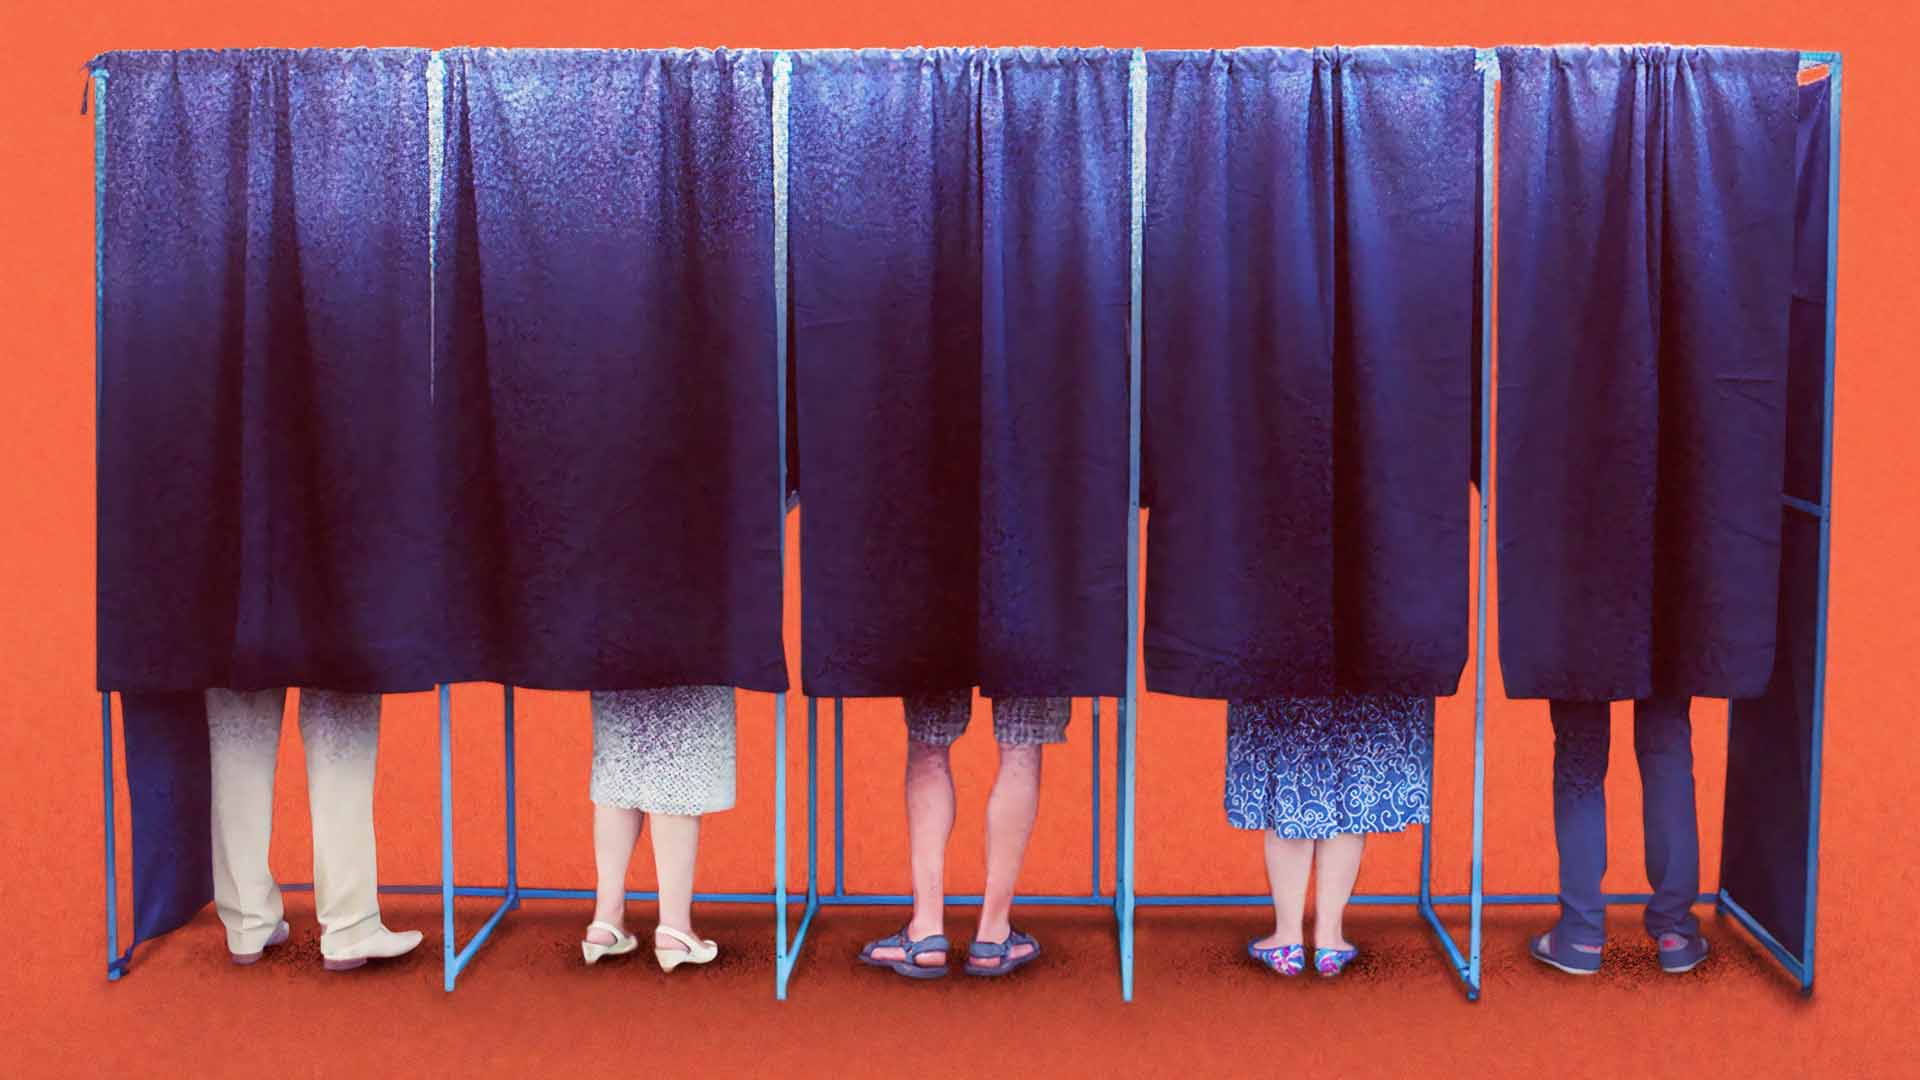 Se votassero anche i minorenni